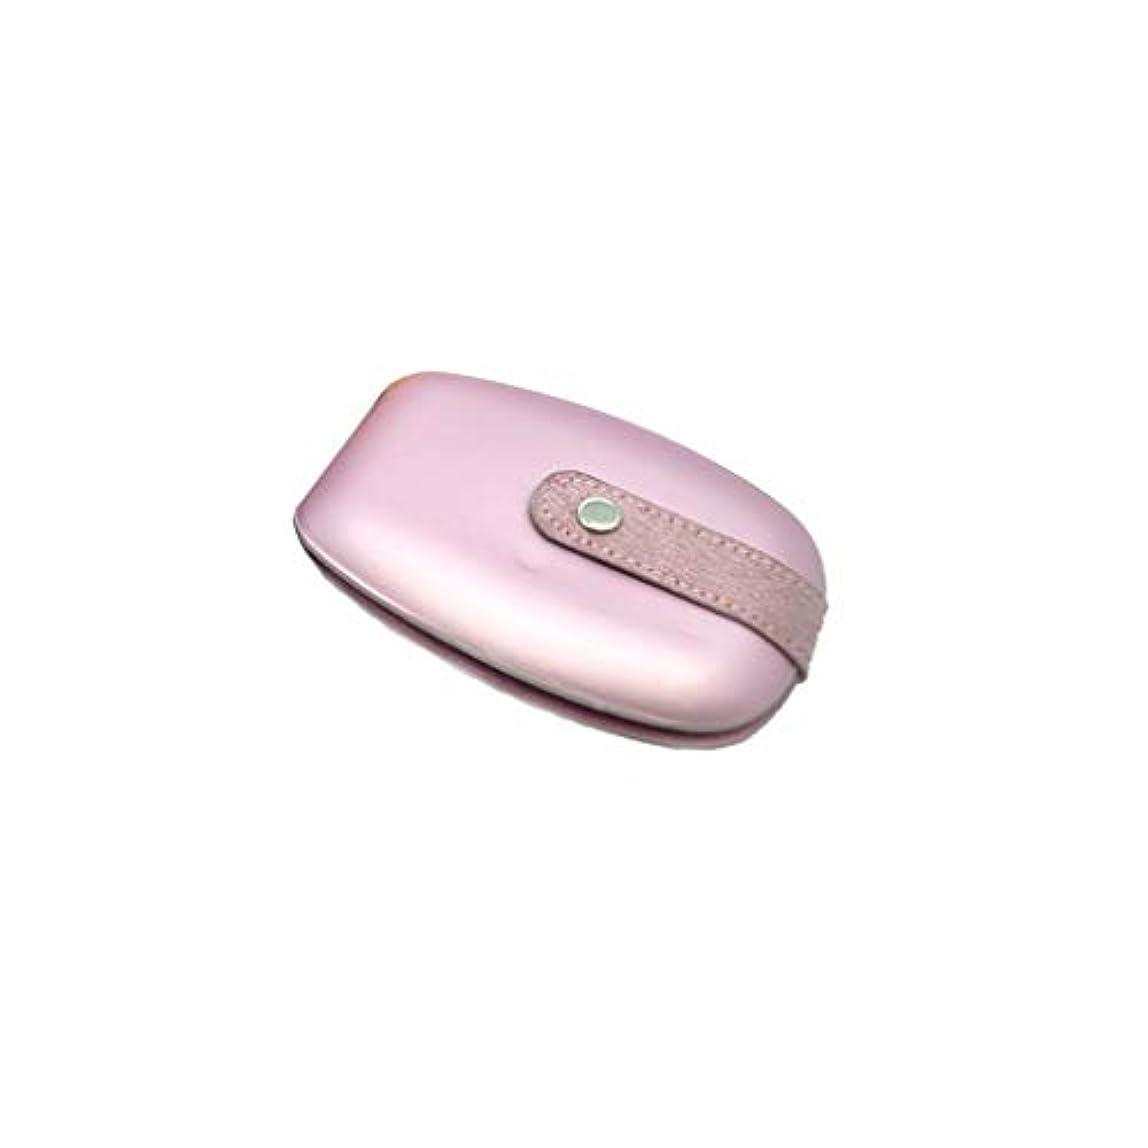 クリーナー平行規範爪切り ペディキュアマニキュアセットネイルケアはさみ旅行セットネイルツール ネイル (Color : C)